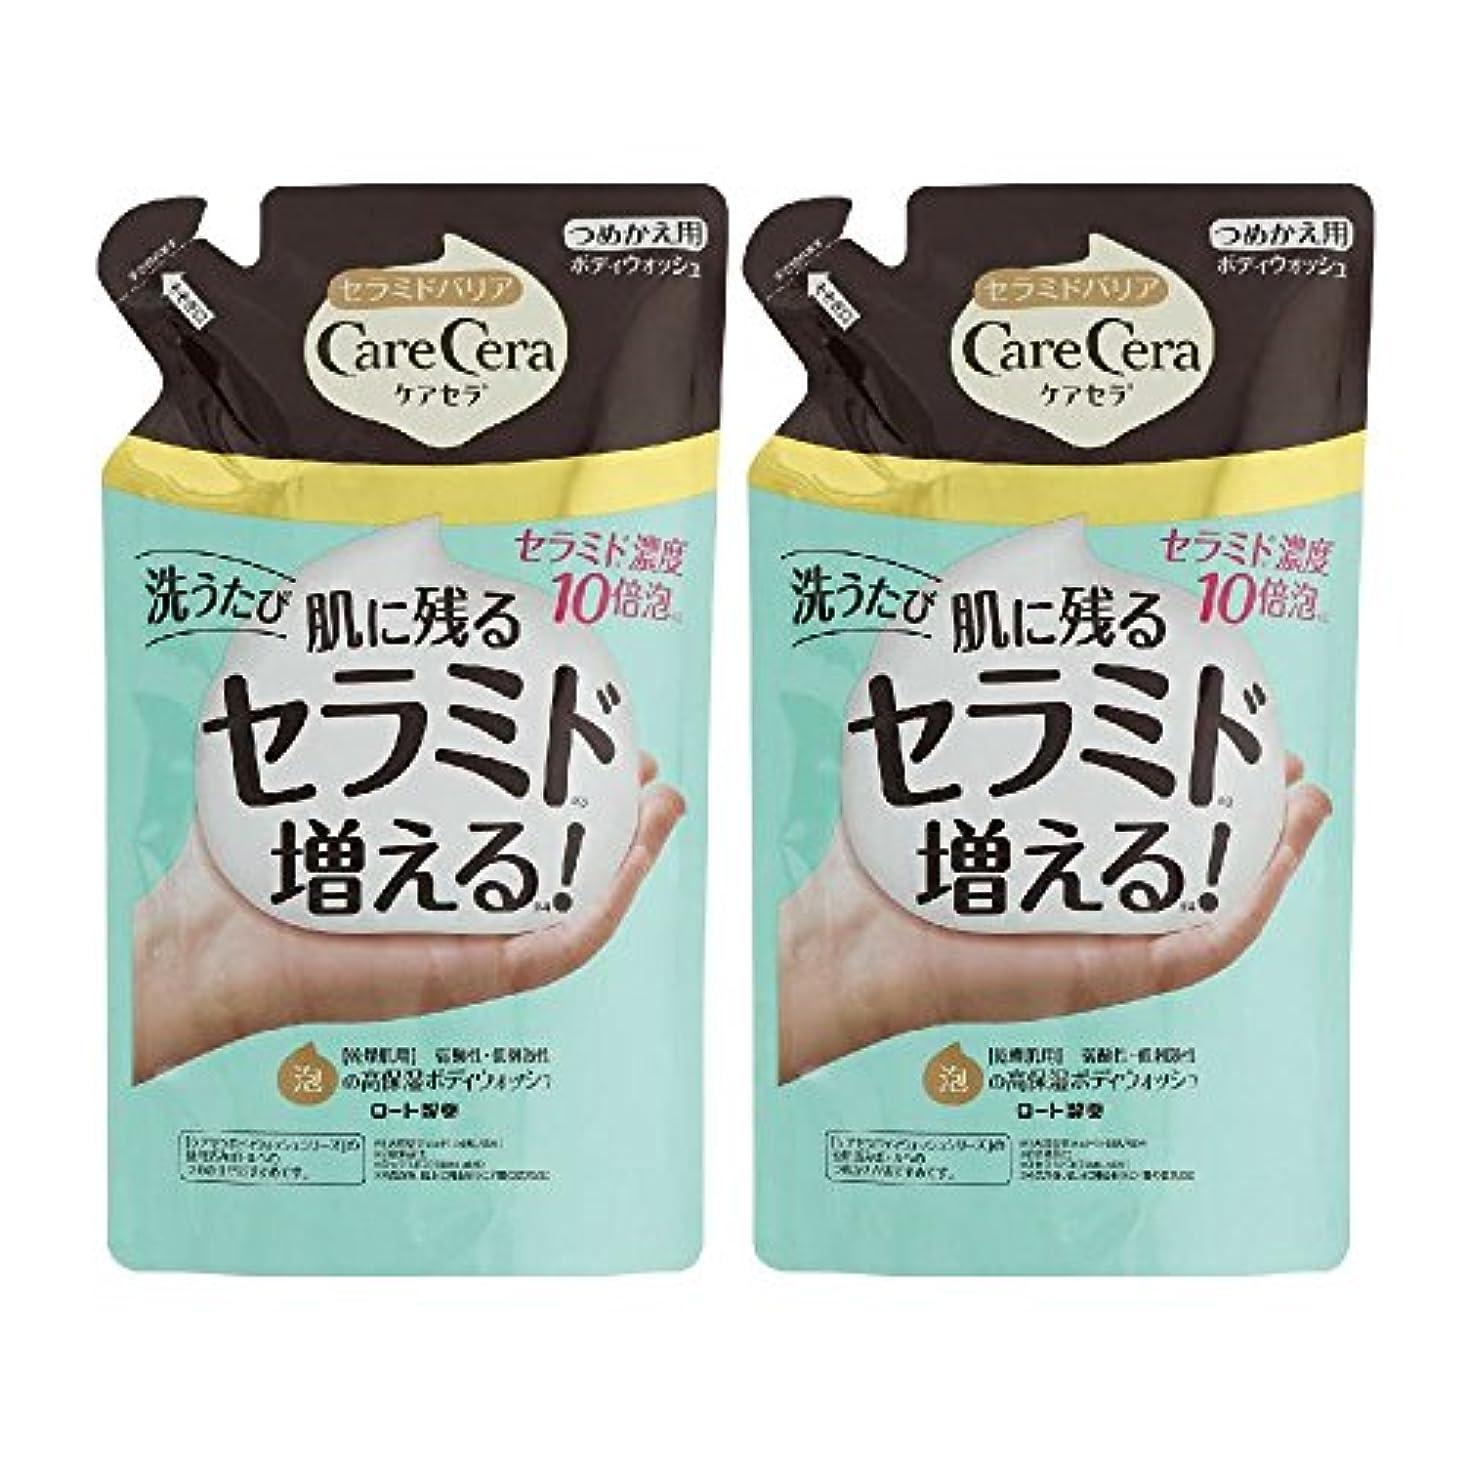 護衛浅い助言するケアセラ (CareCera) 泡の高保湿 ボディウォッシュ ピュアフローラルの香り (つめかえ用) 350mL×2個 ※セバメドモイスチャーローション10mlサンプル付き